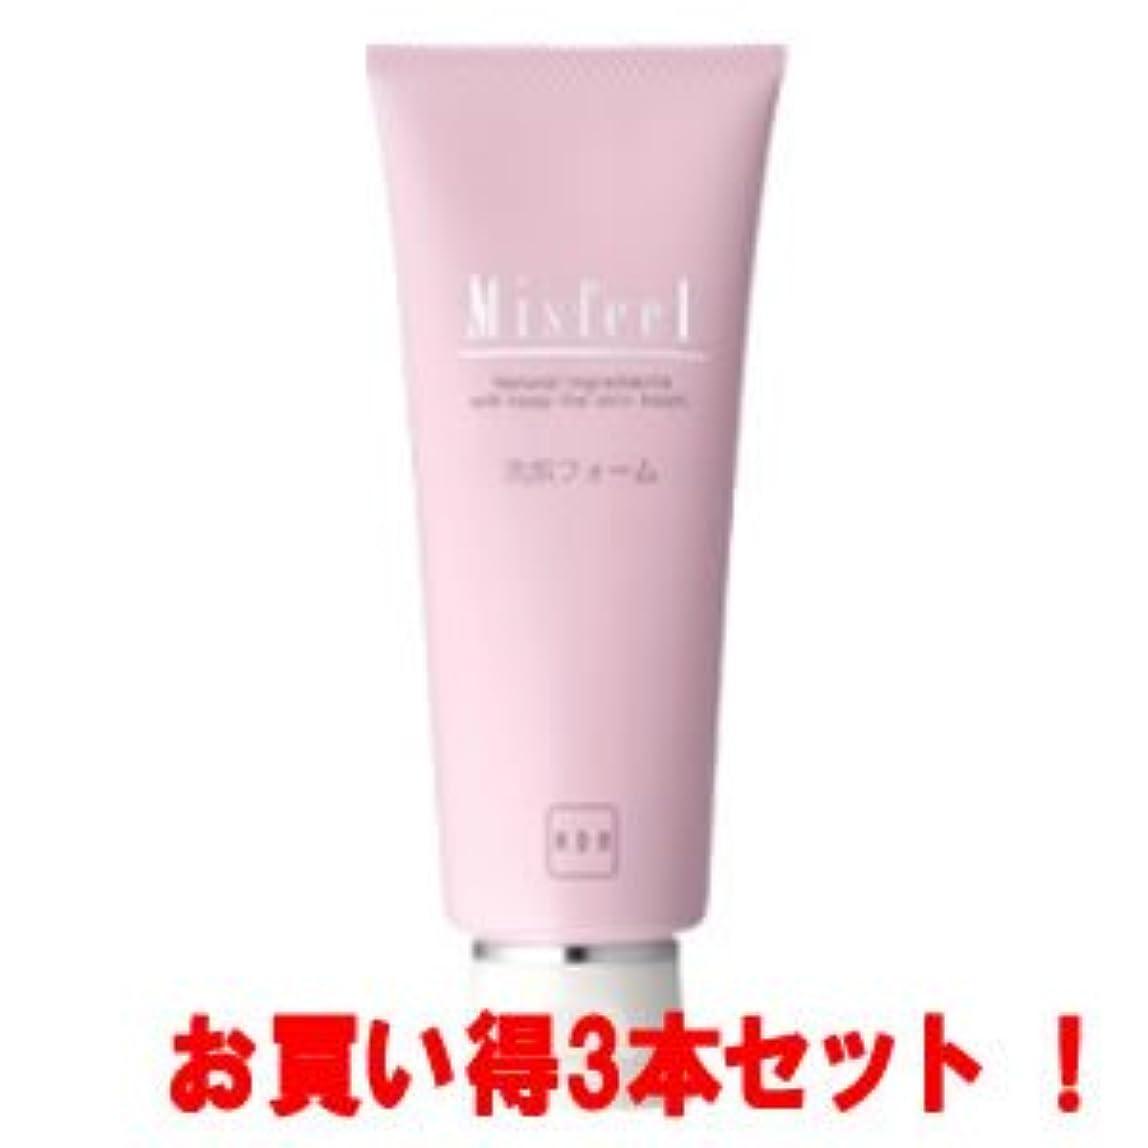 その間放射性存在(アサバ化粧品)ミズフィール 洗顔フォーム100g(お買い得3本セット)